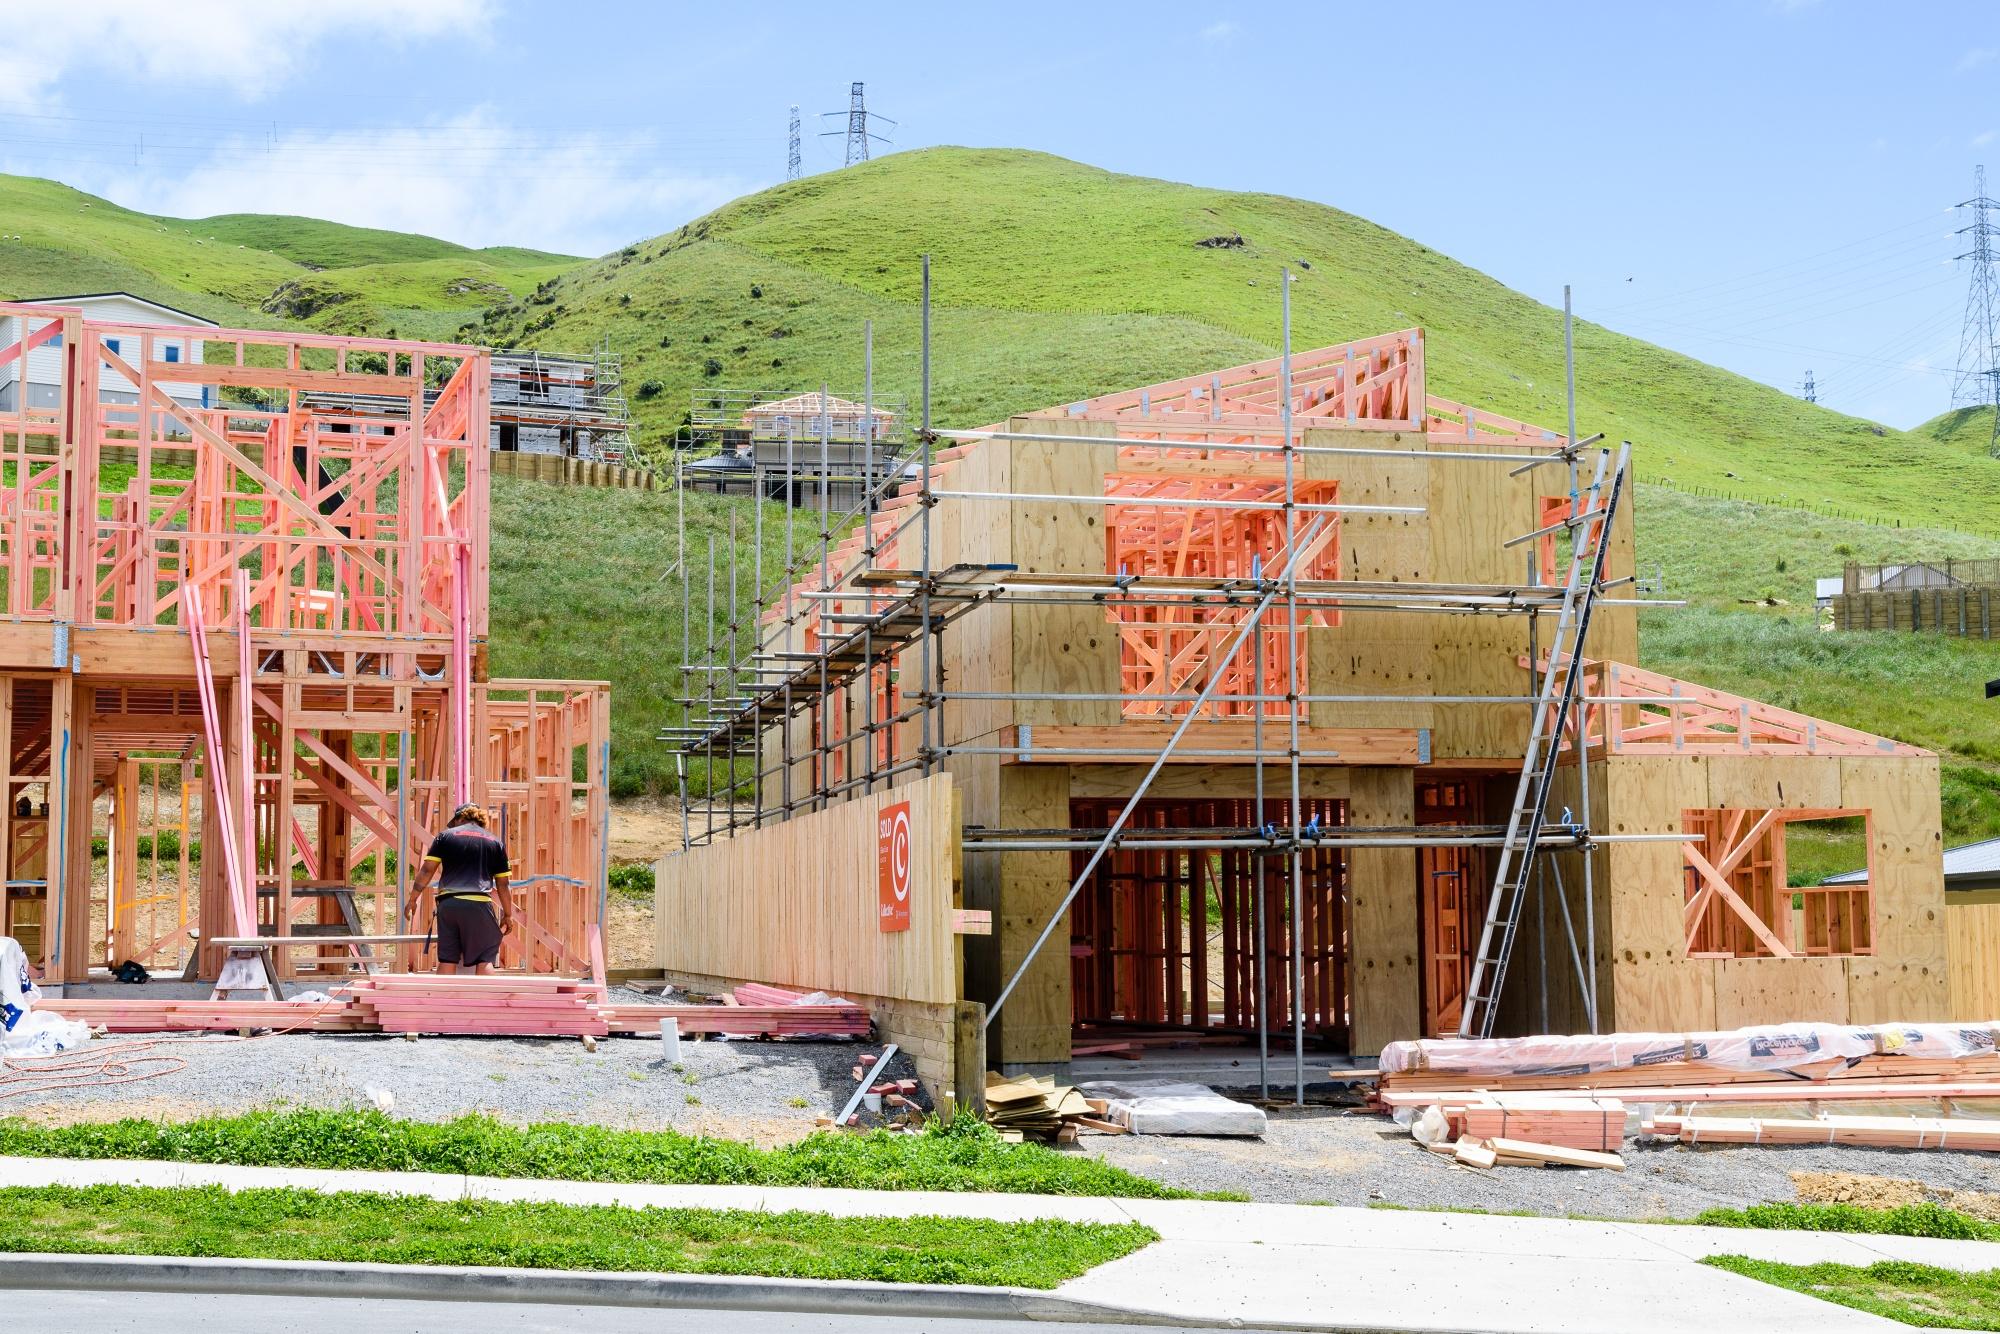 Maisons en construction dans la banlieue de Churton Park, Wellington, Nouvelle-Zélande.